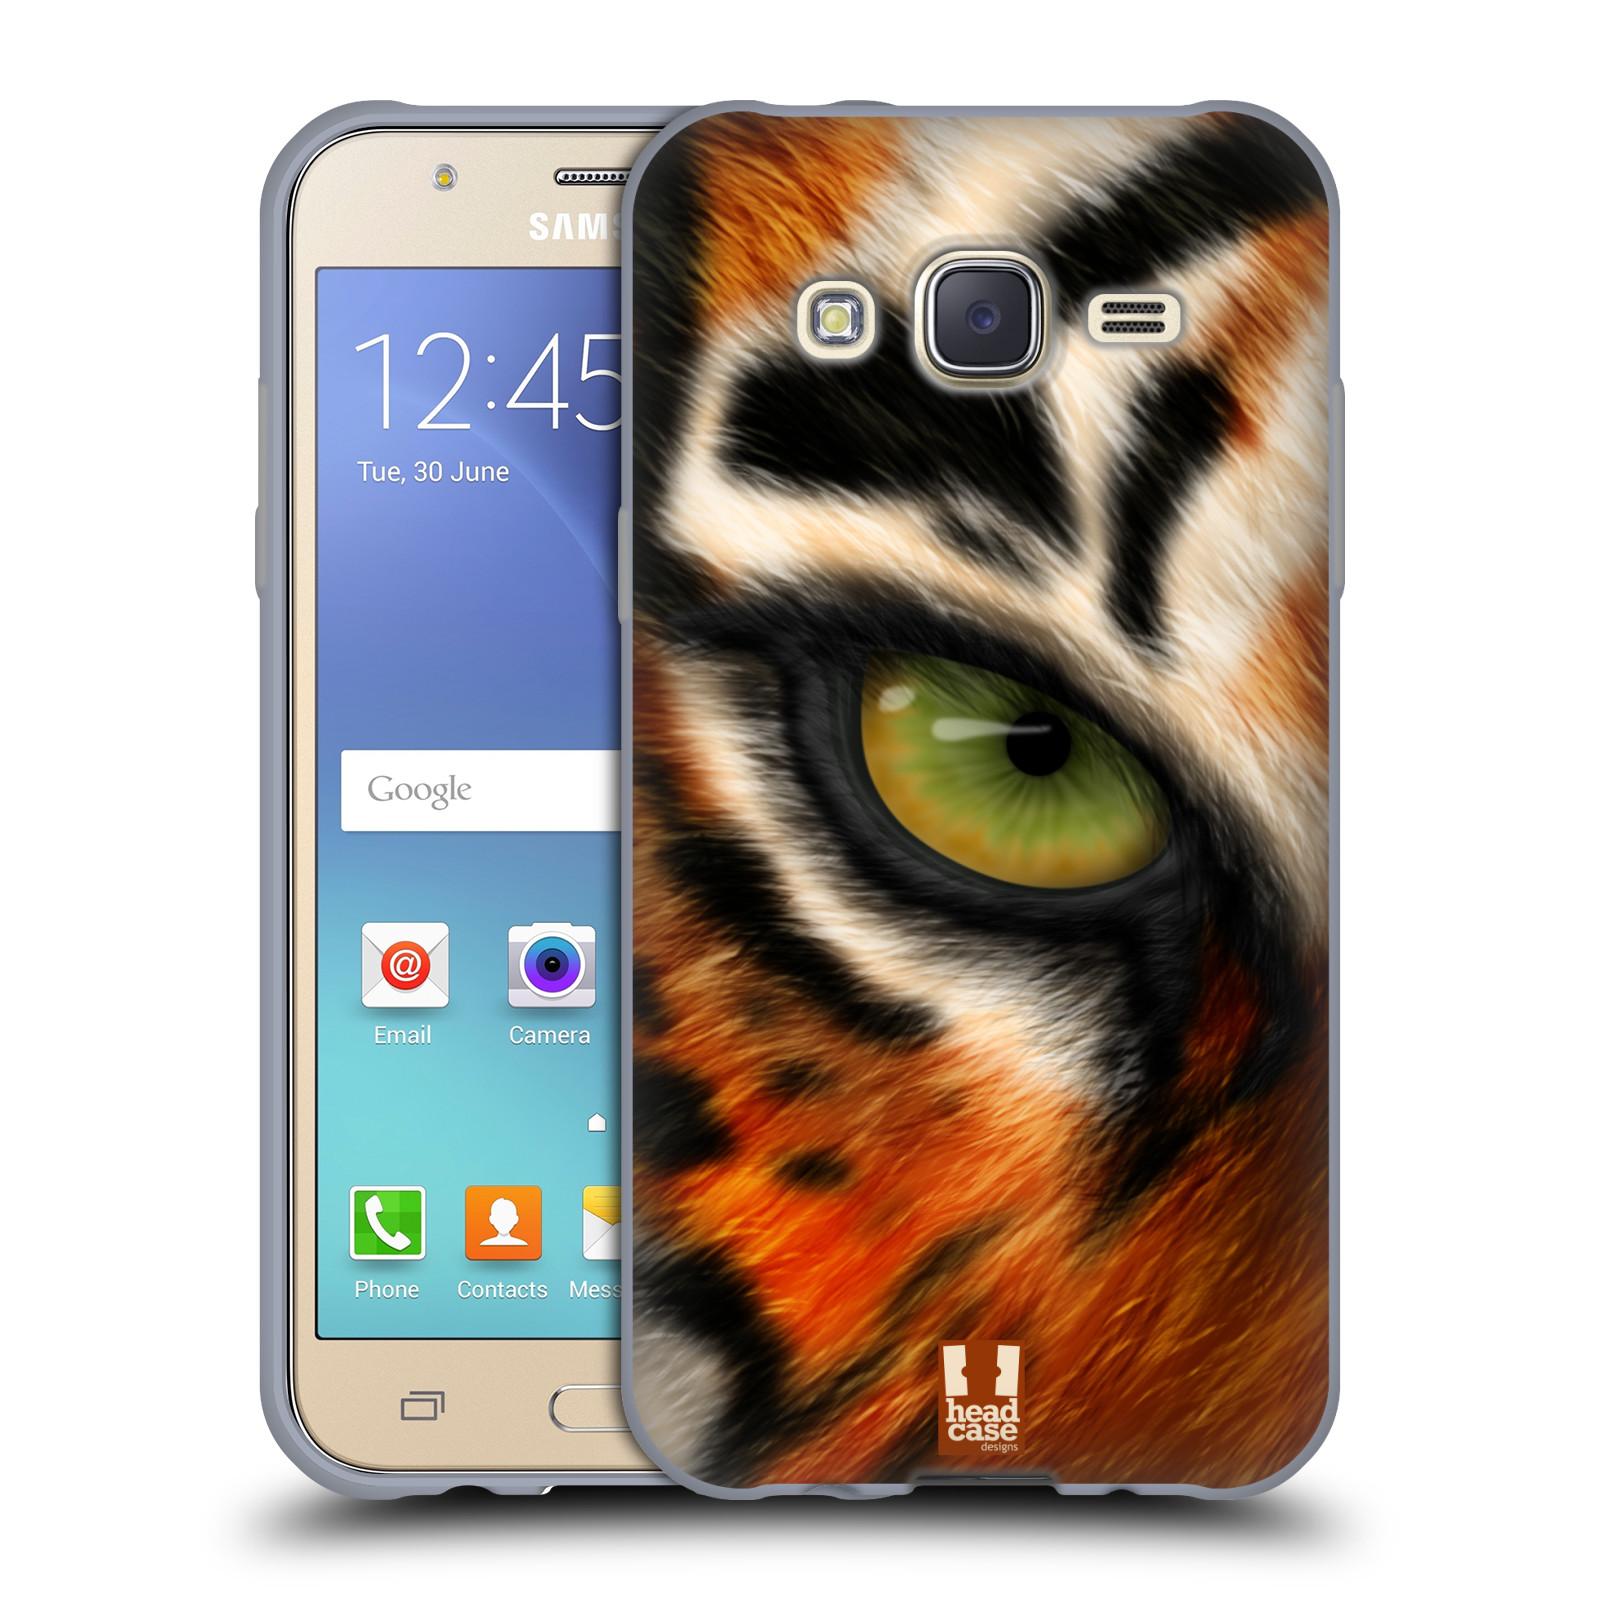 HEAD CASE silikonový obal na mobil Samsung Galaxy J5, J500, (J5 DUOS) vzor pohled zvířete oko tygr